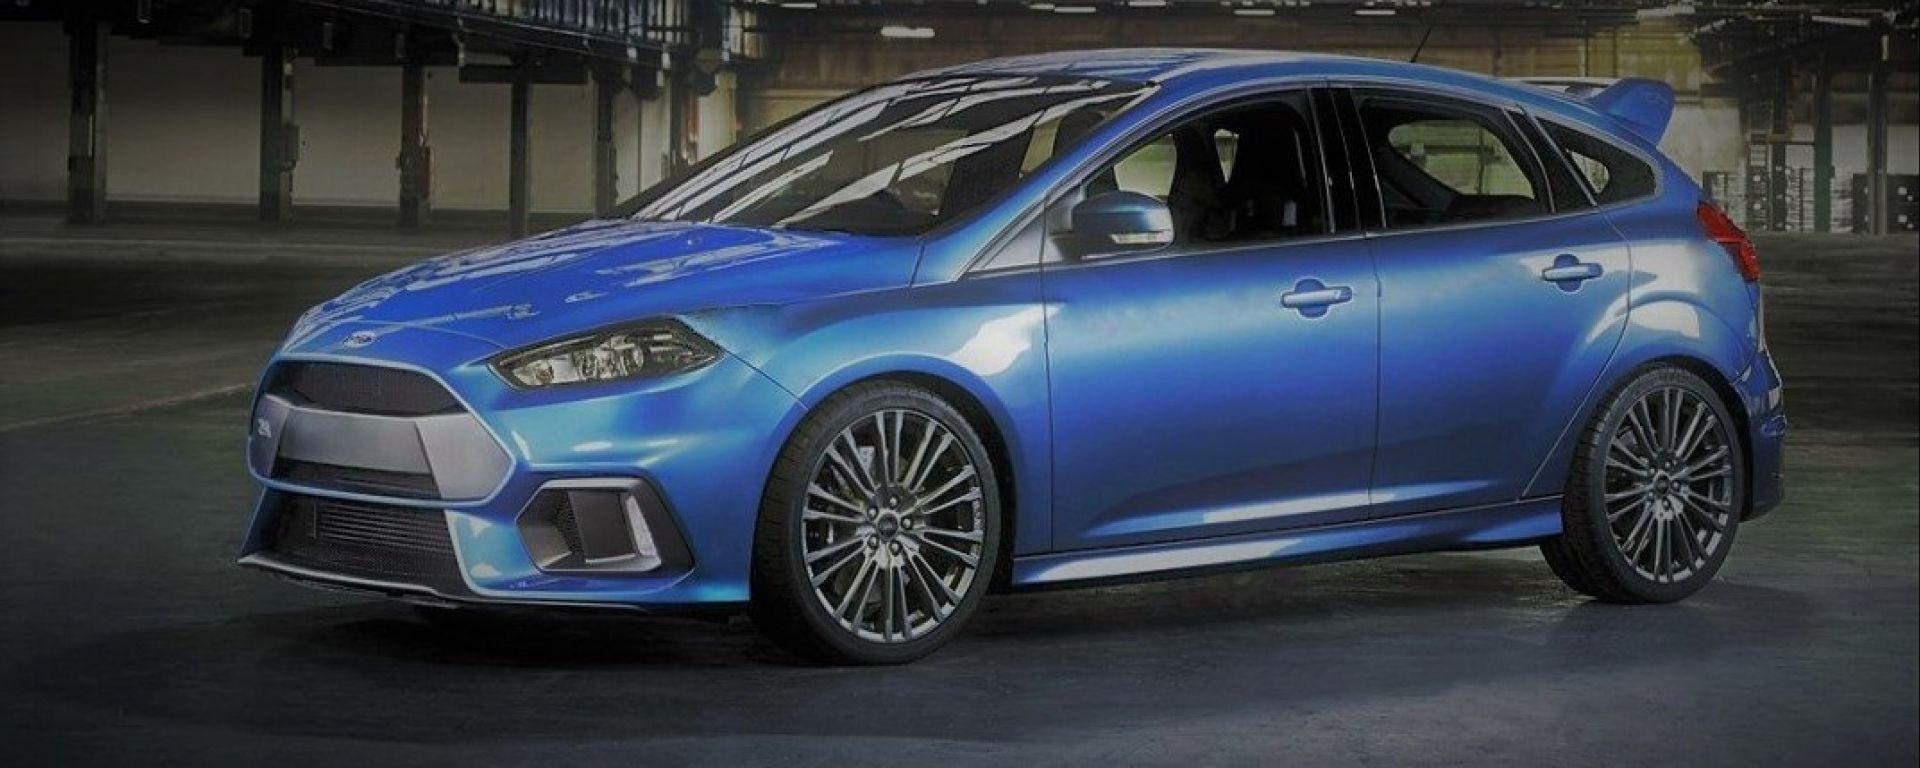 Nuova Ford Focus 2018: la versione RS sarà ibrida da almeno 400 CV